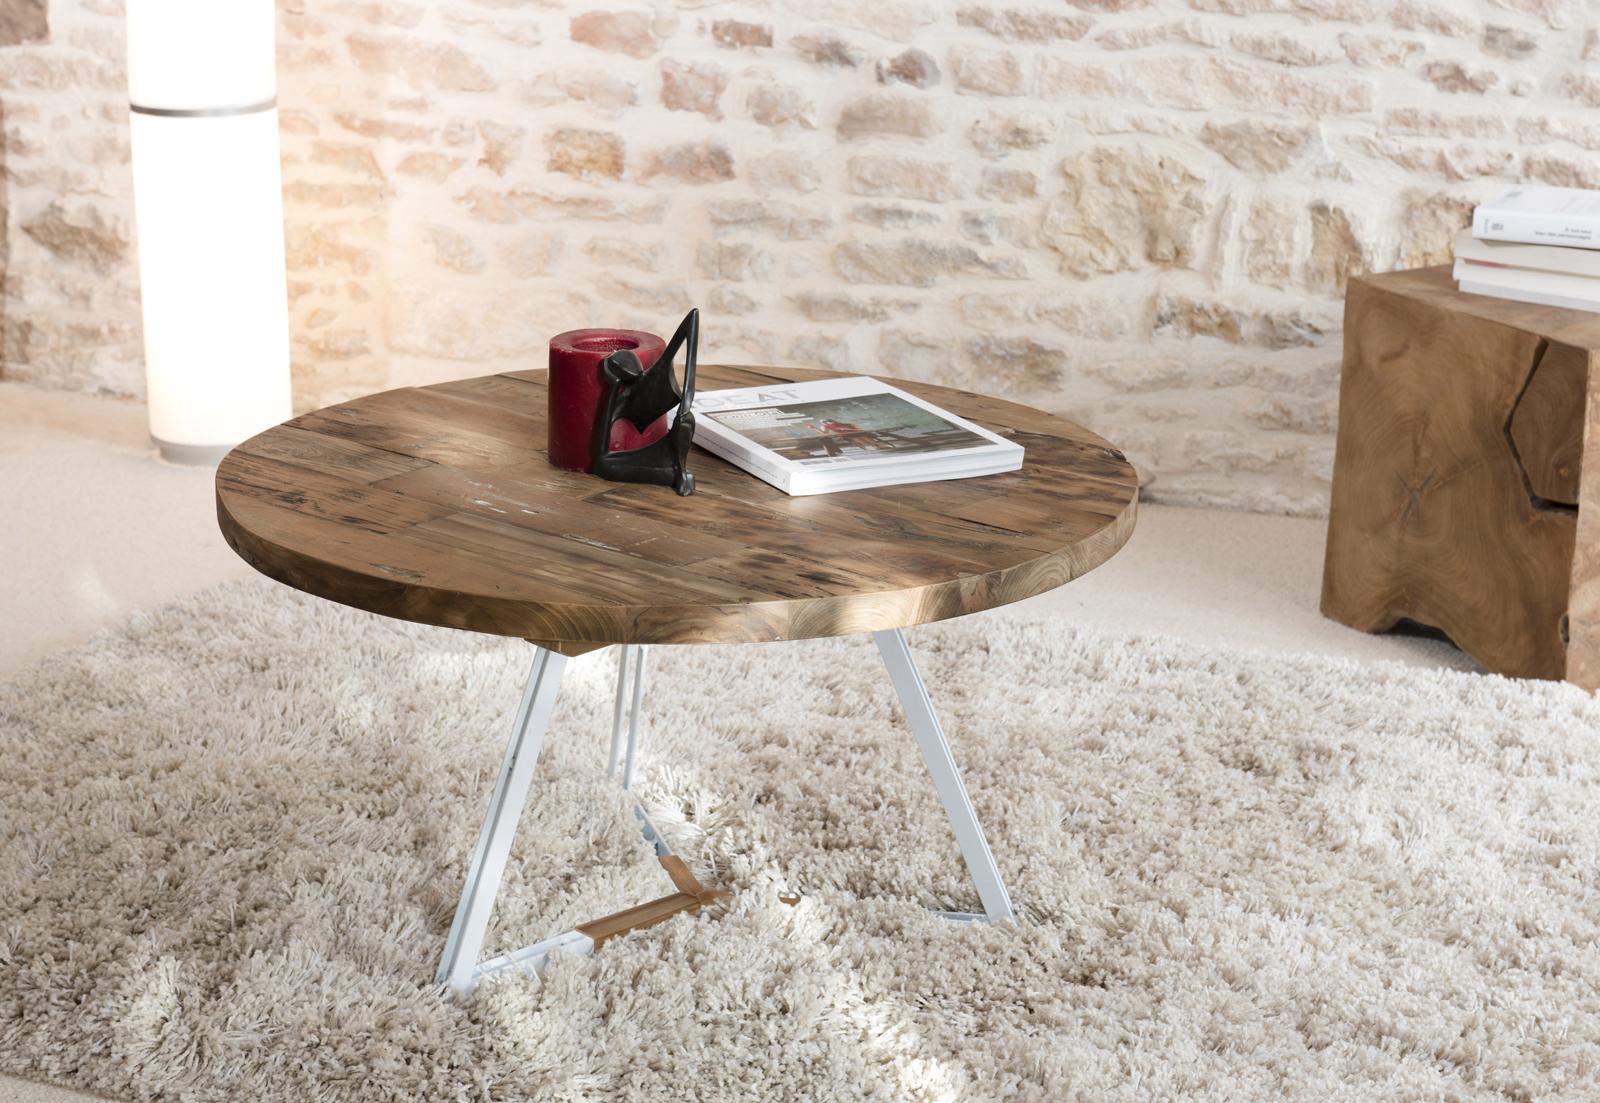 Table basse ronde en teck recycl et pieds m tal blanc et Table basse ronde bois et metal